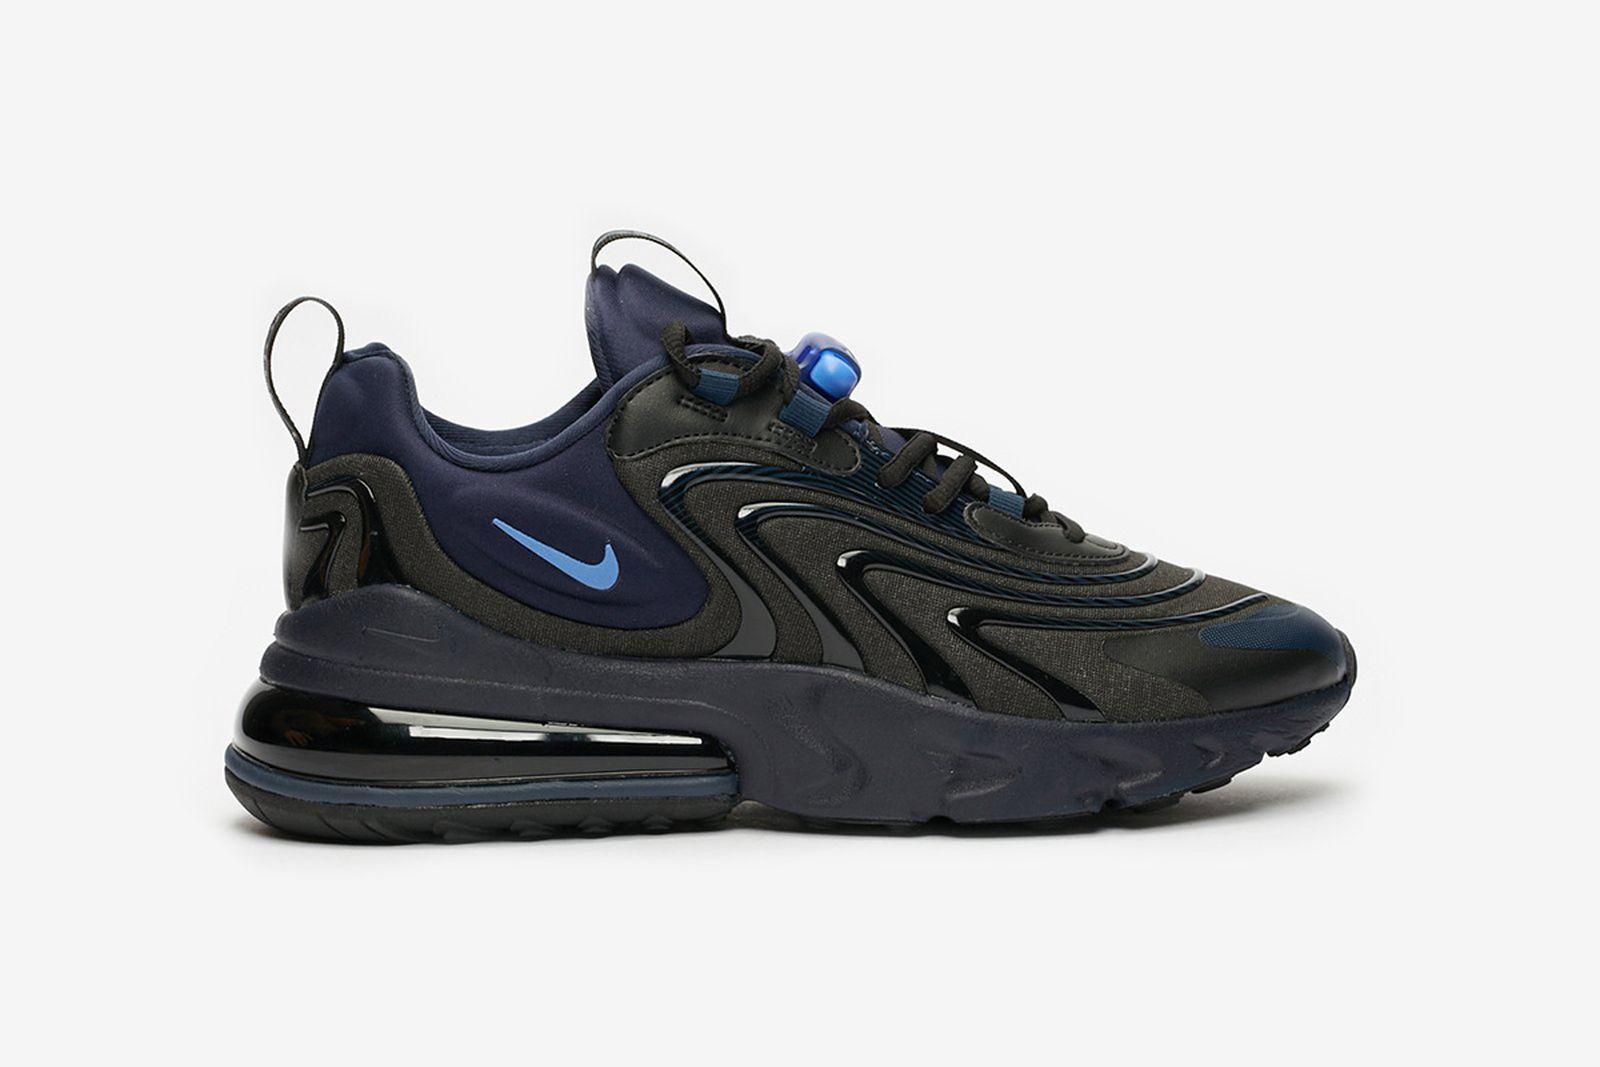 Nike Air Max 270 React Black/Sapphire/Obsidian